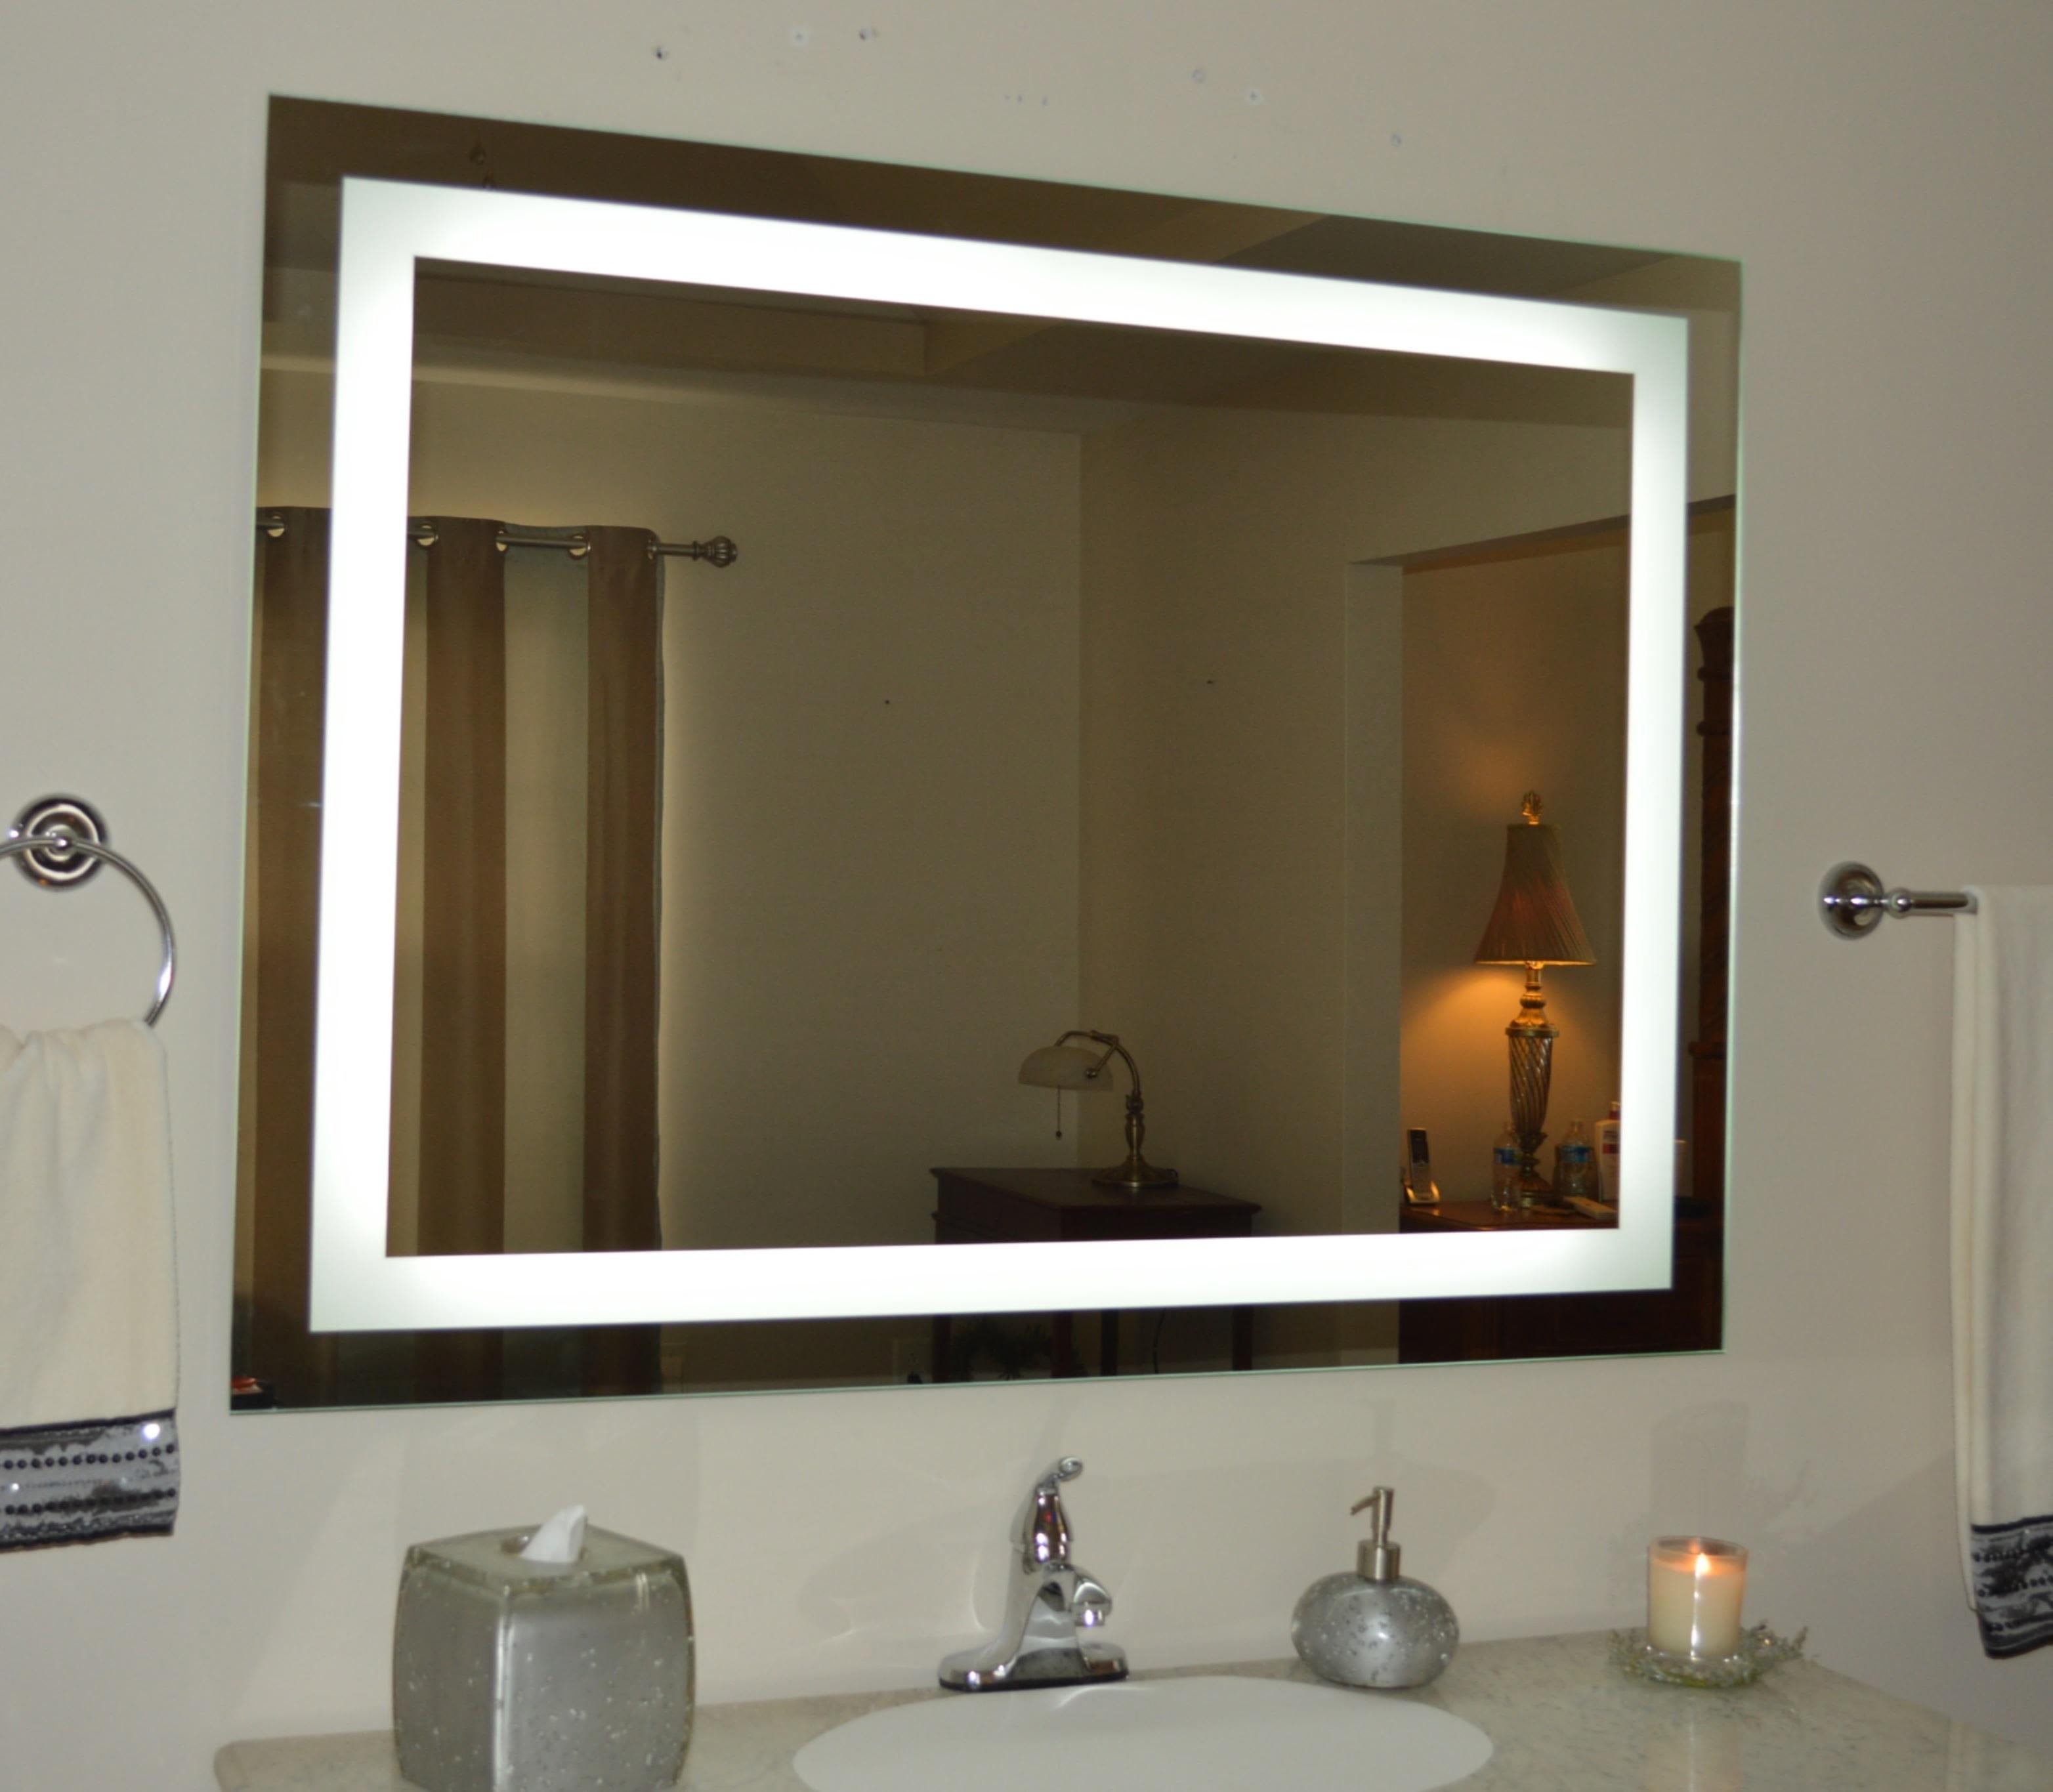 Large Led Illuminated Bathroom Mirror